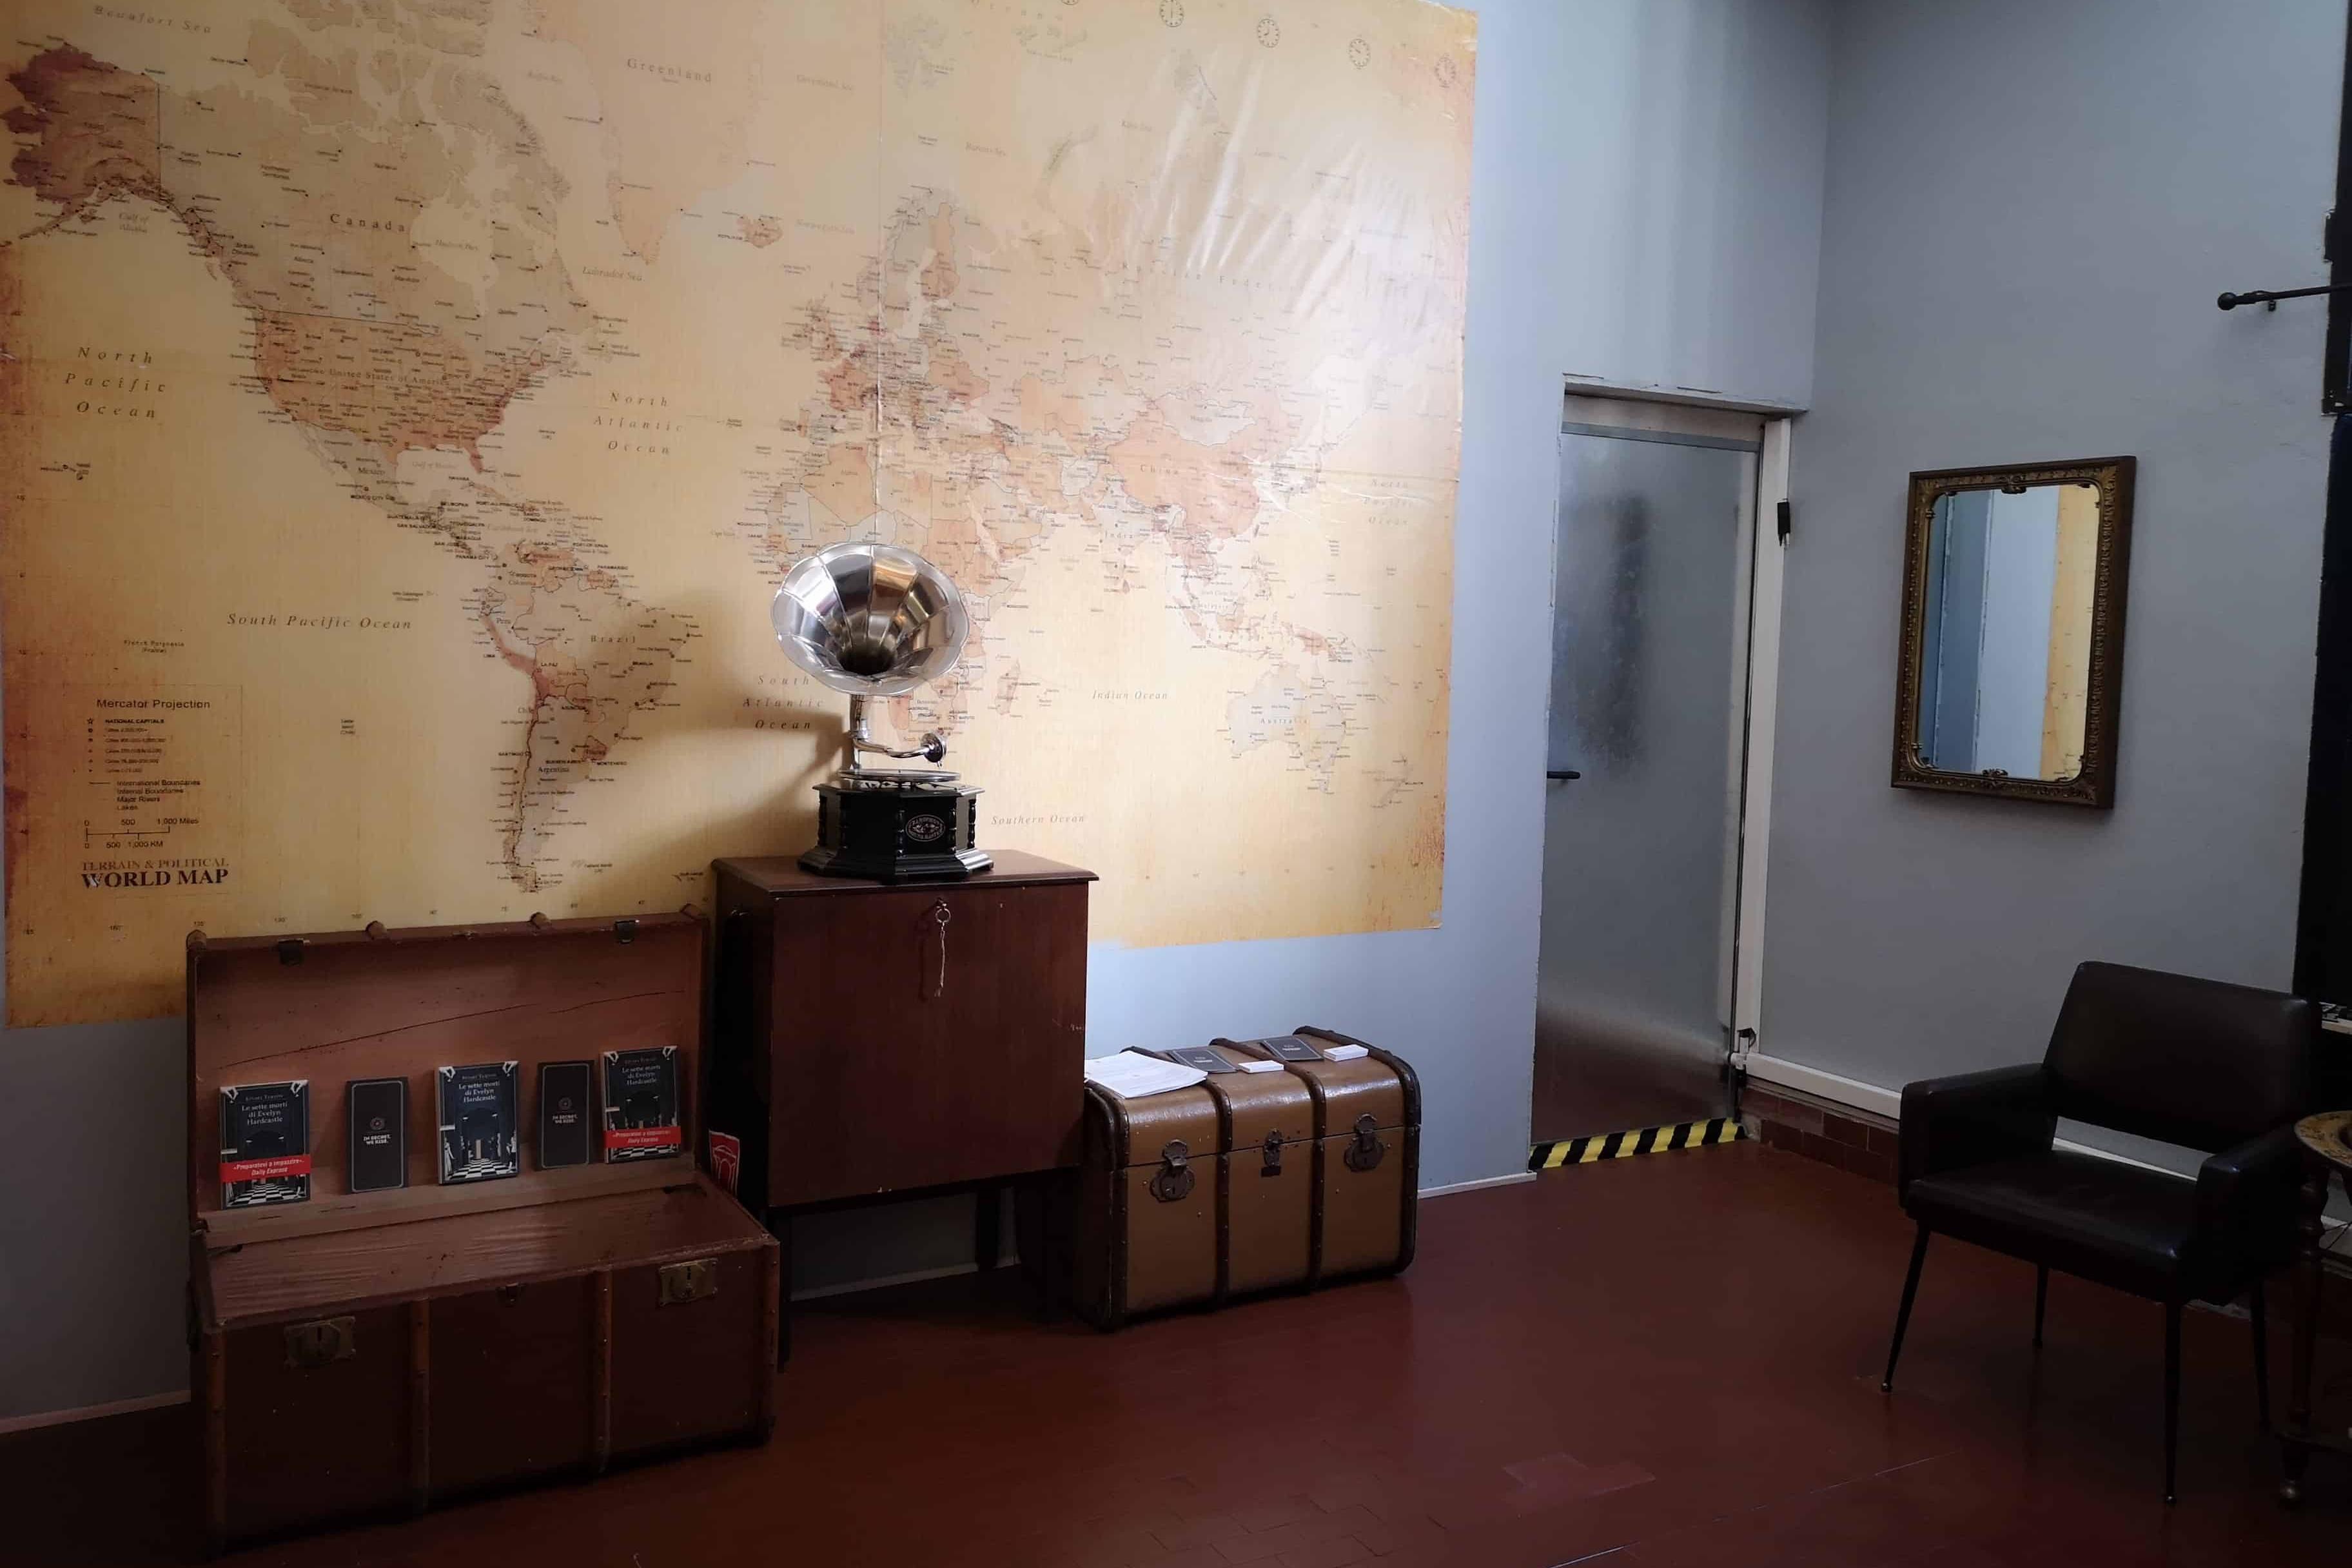 Le sette morti - escape room, ingresso